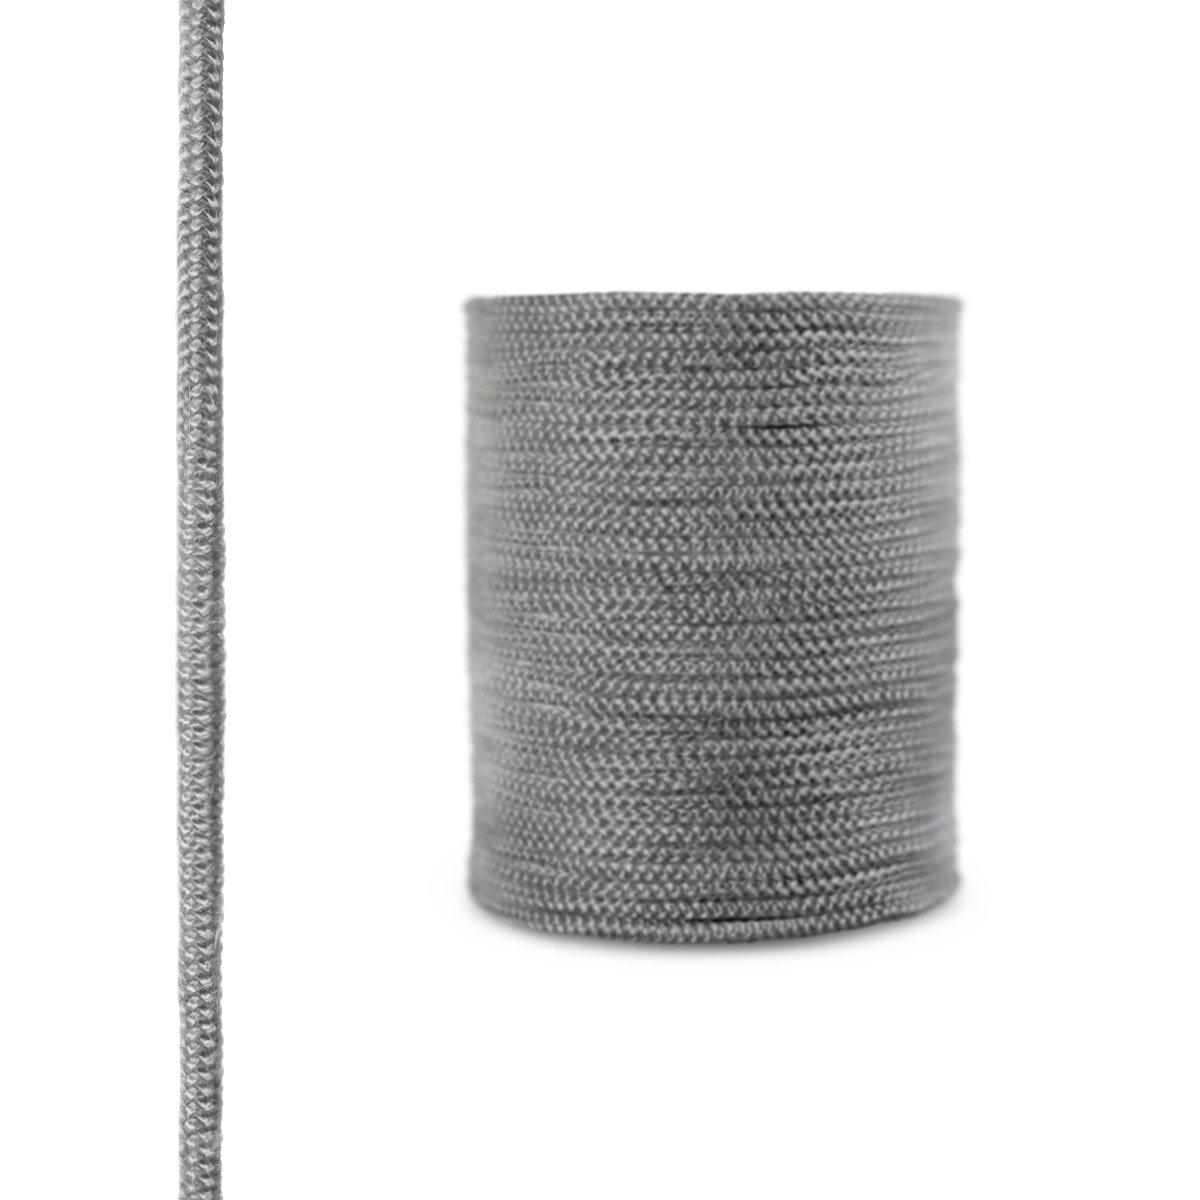 2,5 m STEIGNER Corde en Fibre de Verre SKD02-10 10 mm Scellant Gris Fonc/é R/ésistante /à la Temp/érature jusqu/à 550 /° C